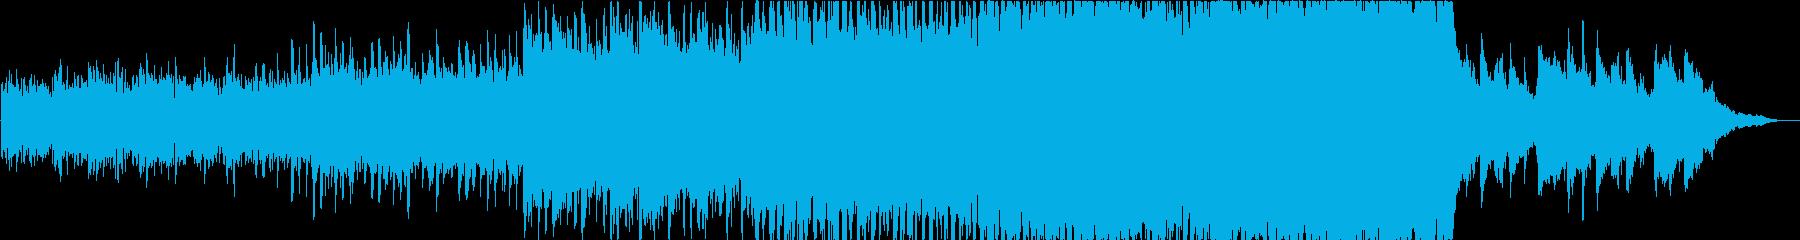 ピアノとアコギが主体の映像的な曲の再生済みの波形